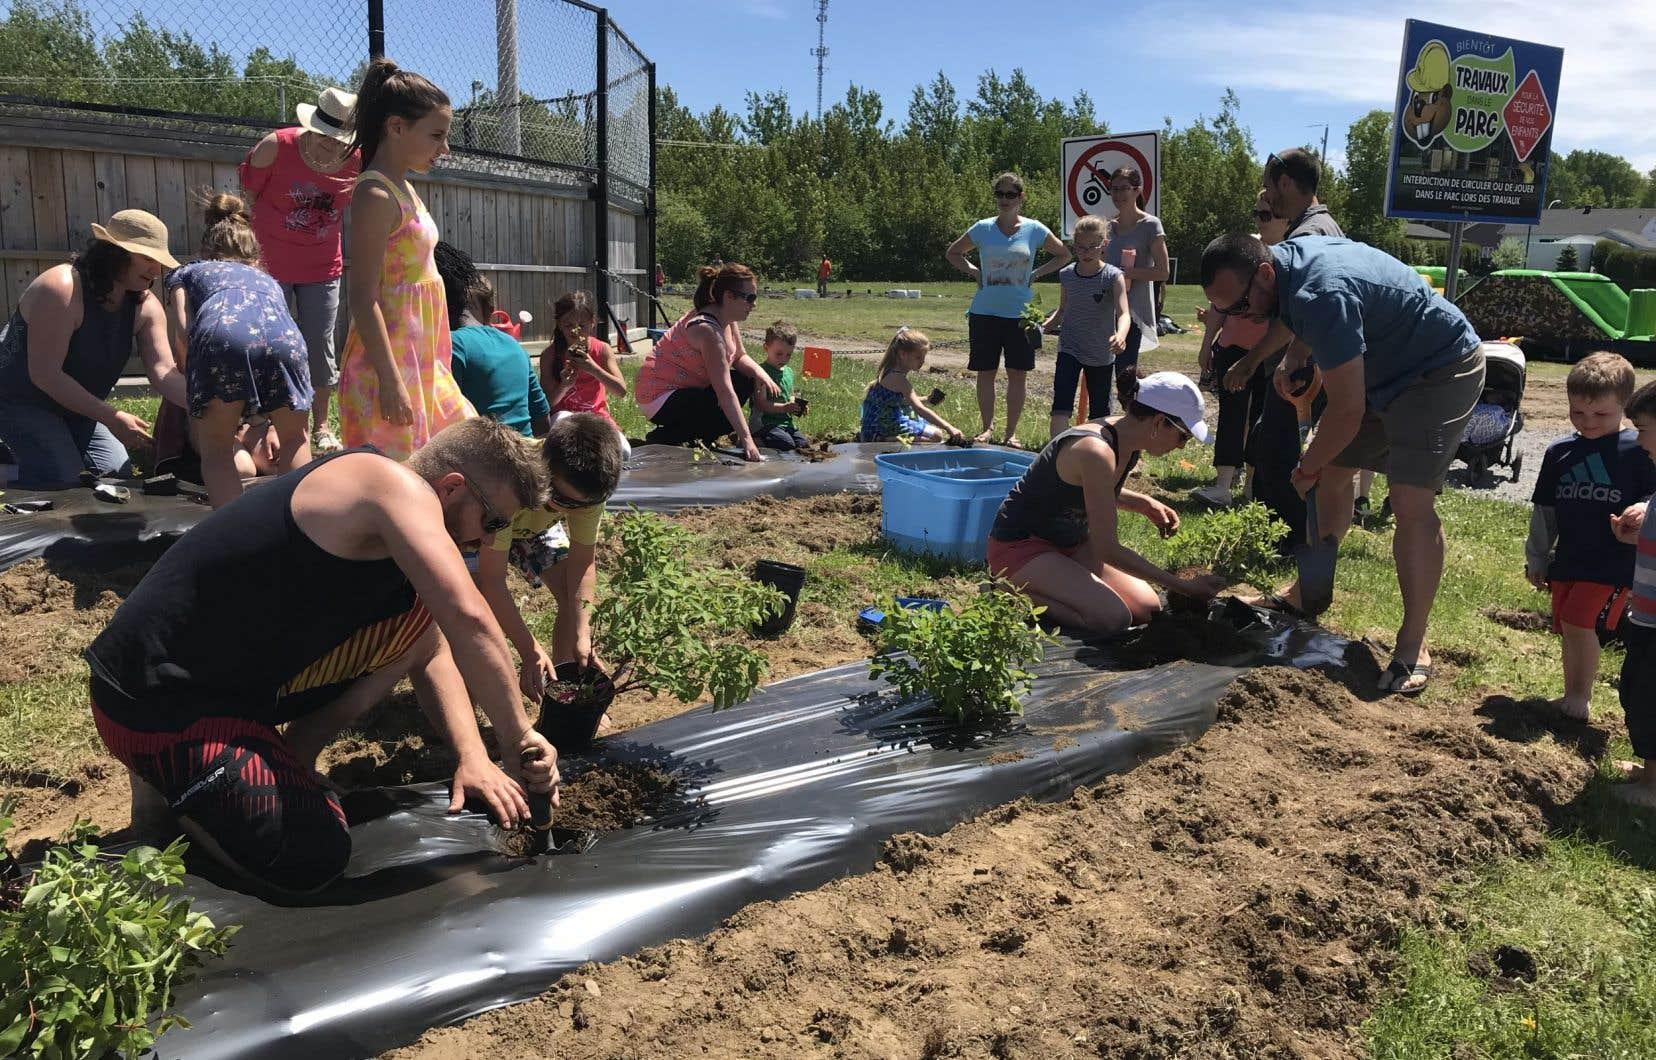 Un jardin communautaire d'Alma.  Dans cette municipalité située au pays des bleuets,  les citoyens ont la possibilité d'influencer  les projets de développement durable.